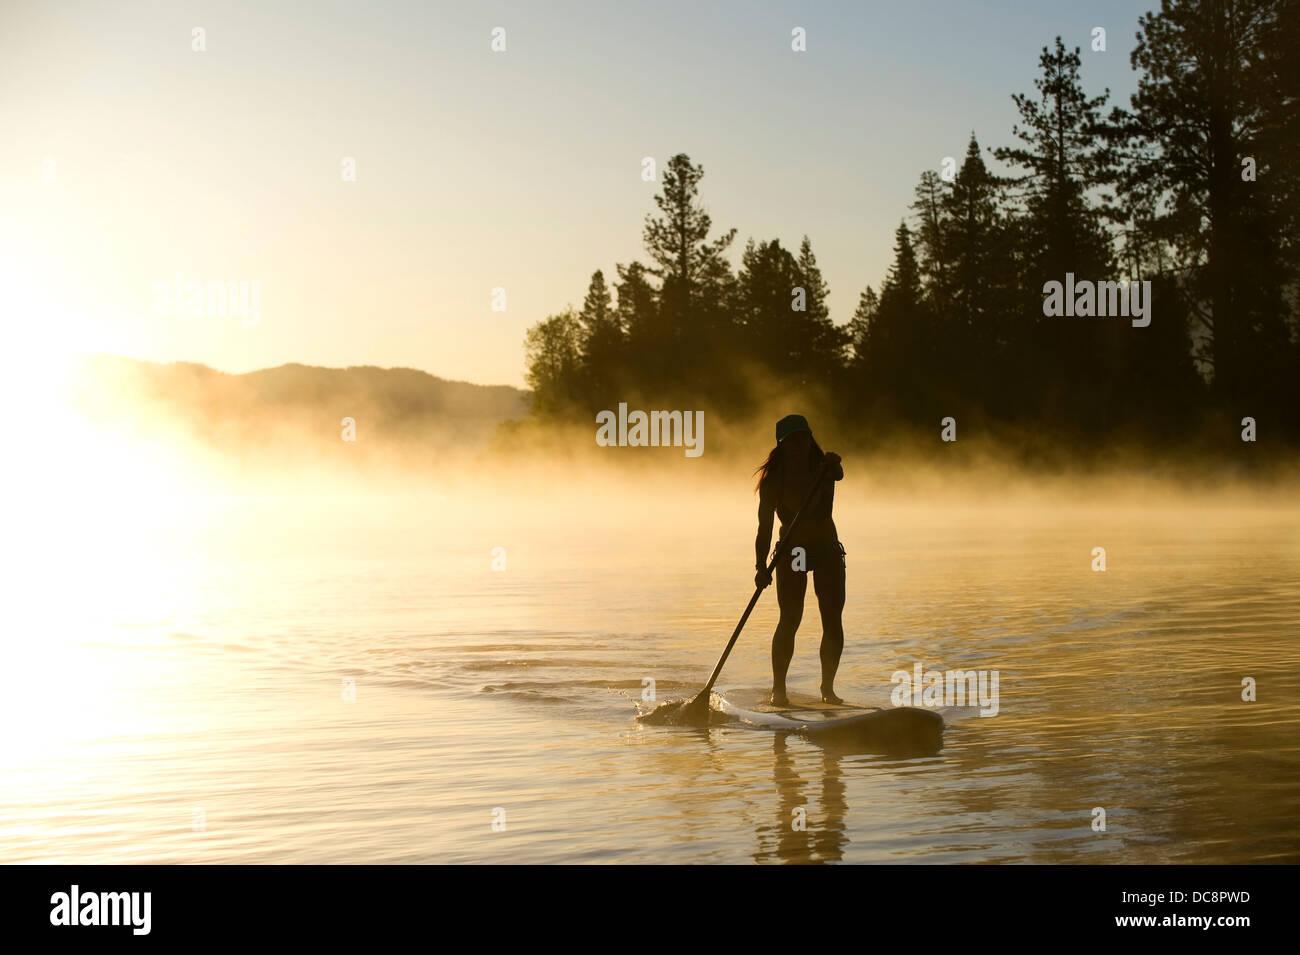 Una mujer, se recortaba el Stand Up Paddleboarding (SUP) al amanecer en la niebla en Lake Tahoe, CA. Imagen De Stock